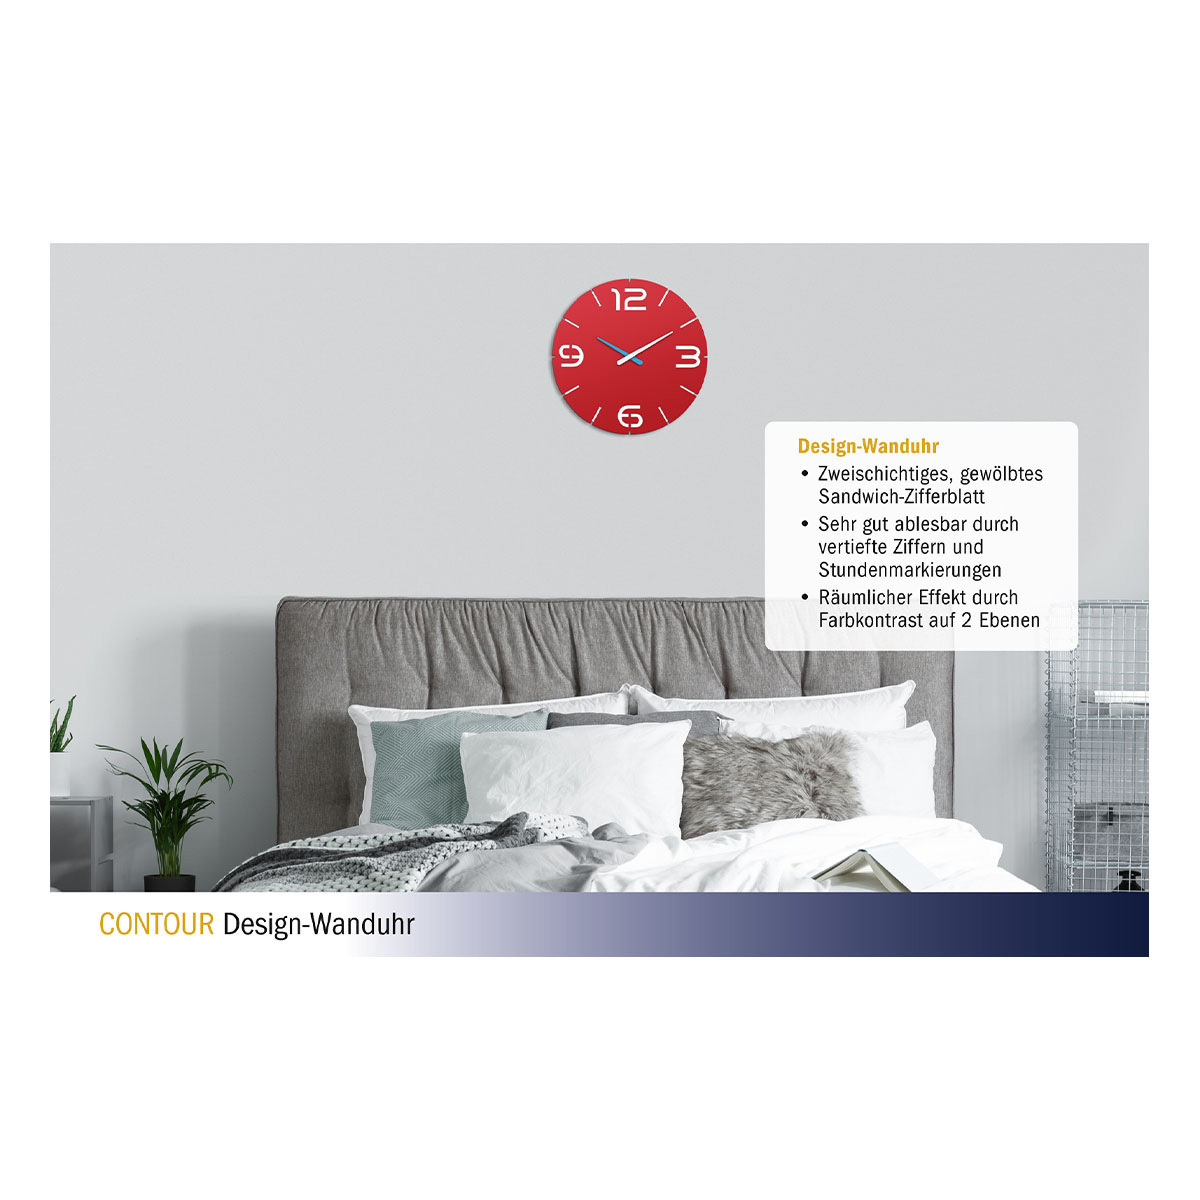 60-3047-05-design-wanduhr-vorteile-1200x1200px.jpg